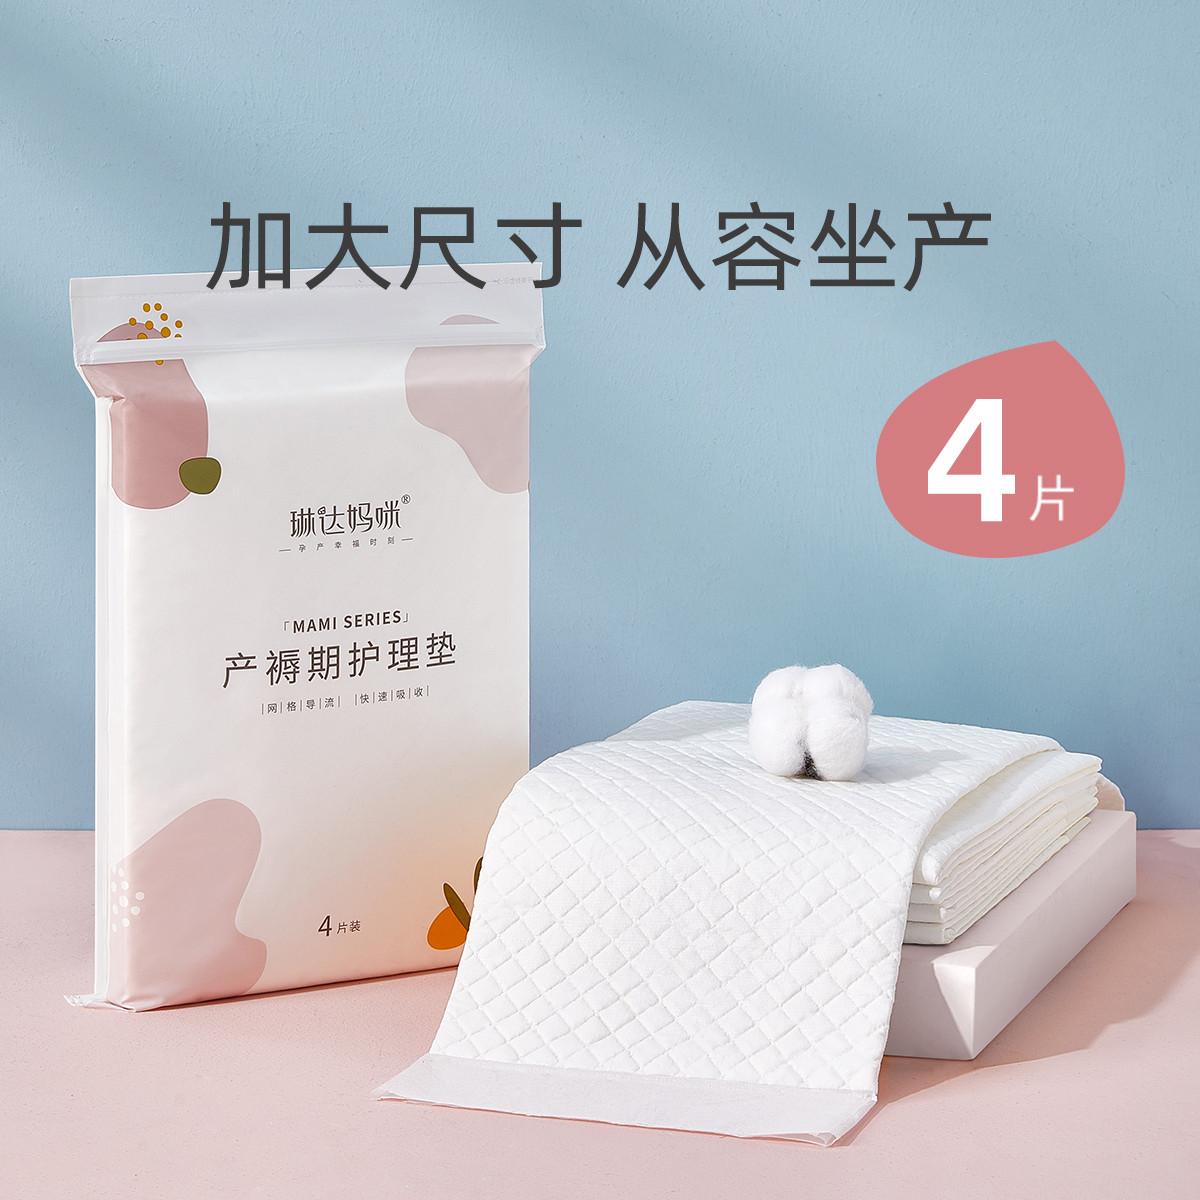 琳达妈咪 4片孕妇产褥垫一次性大号 60*90cm产妇产后专用垫防水成人护理垫